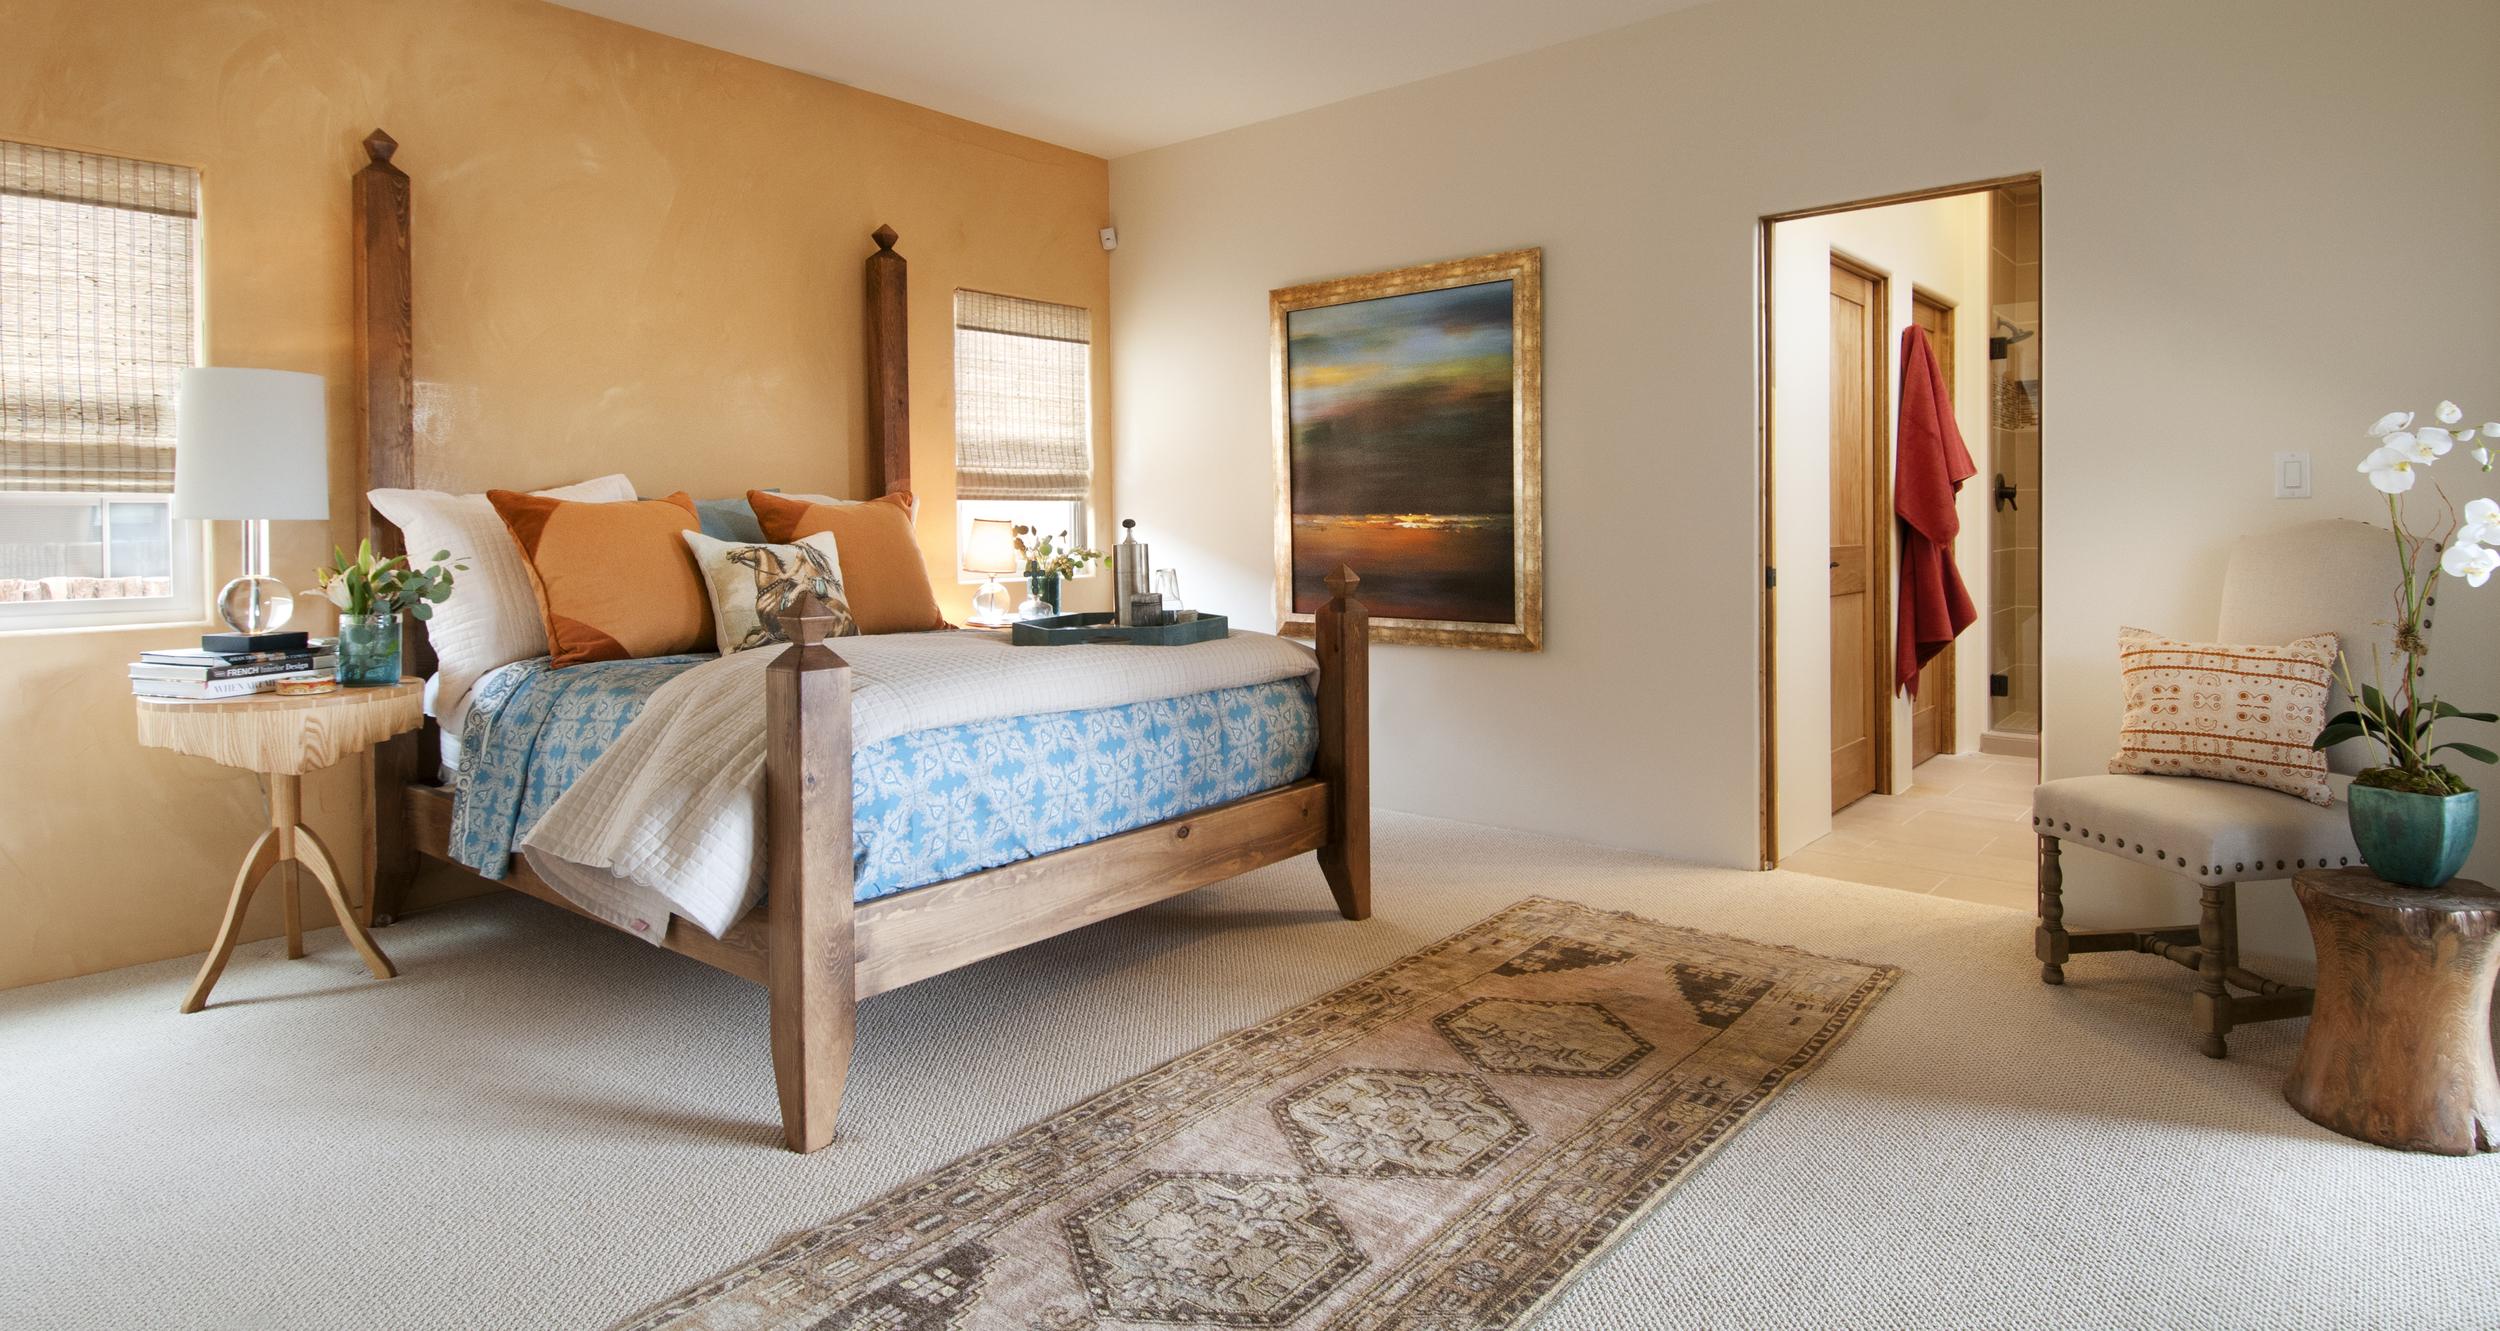 Southwestern Bedroom Colors.jpg